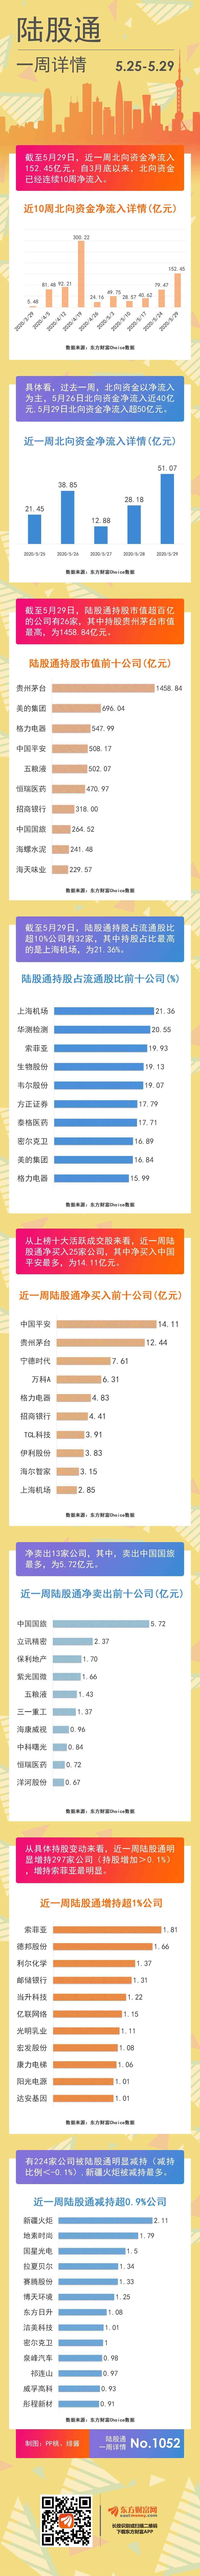 《【恒达娱乐公司】图解:297家公司获北向资金明显增持 这些股最活跃》